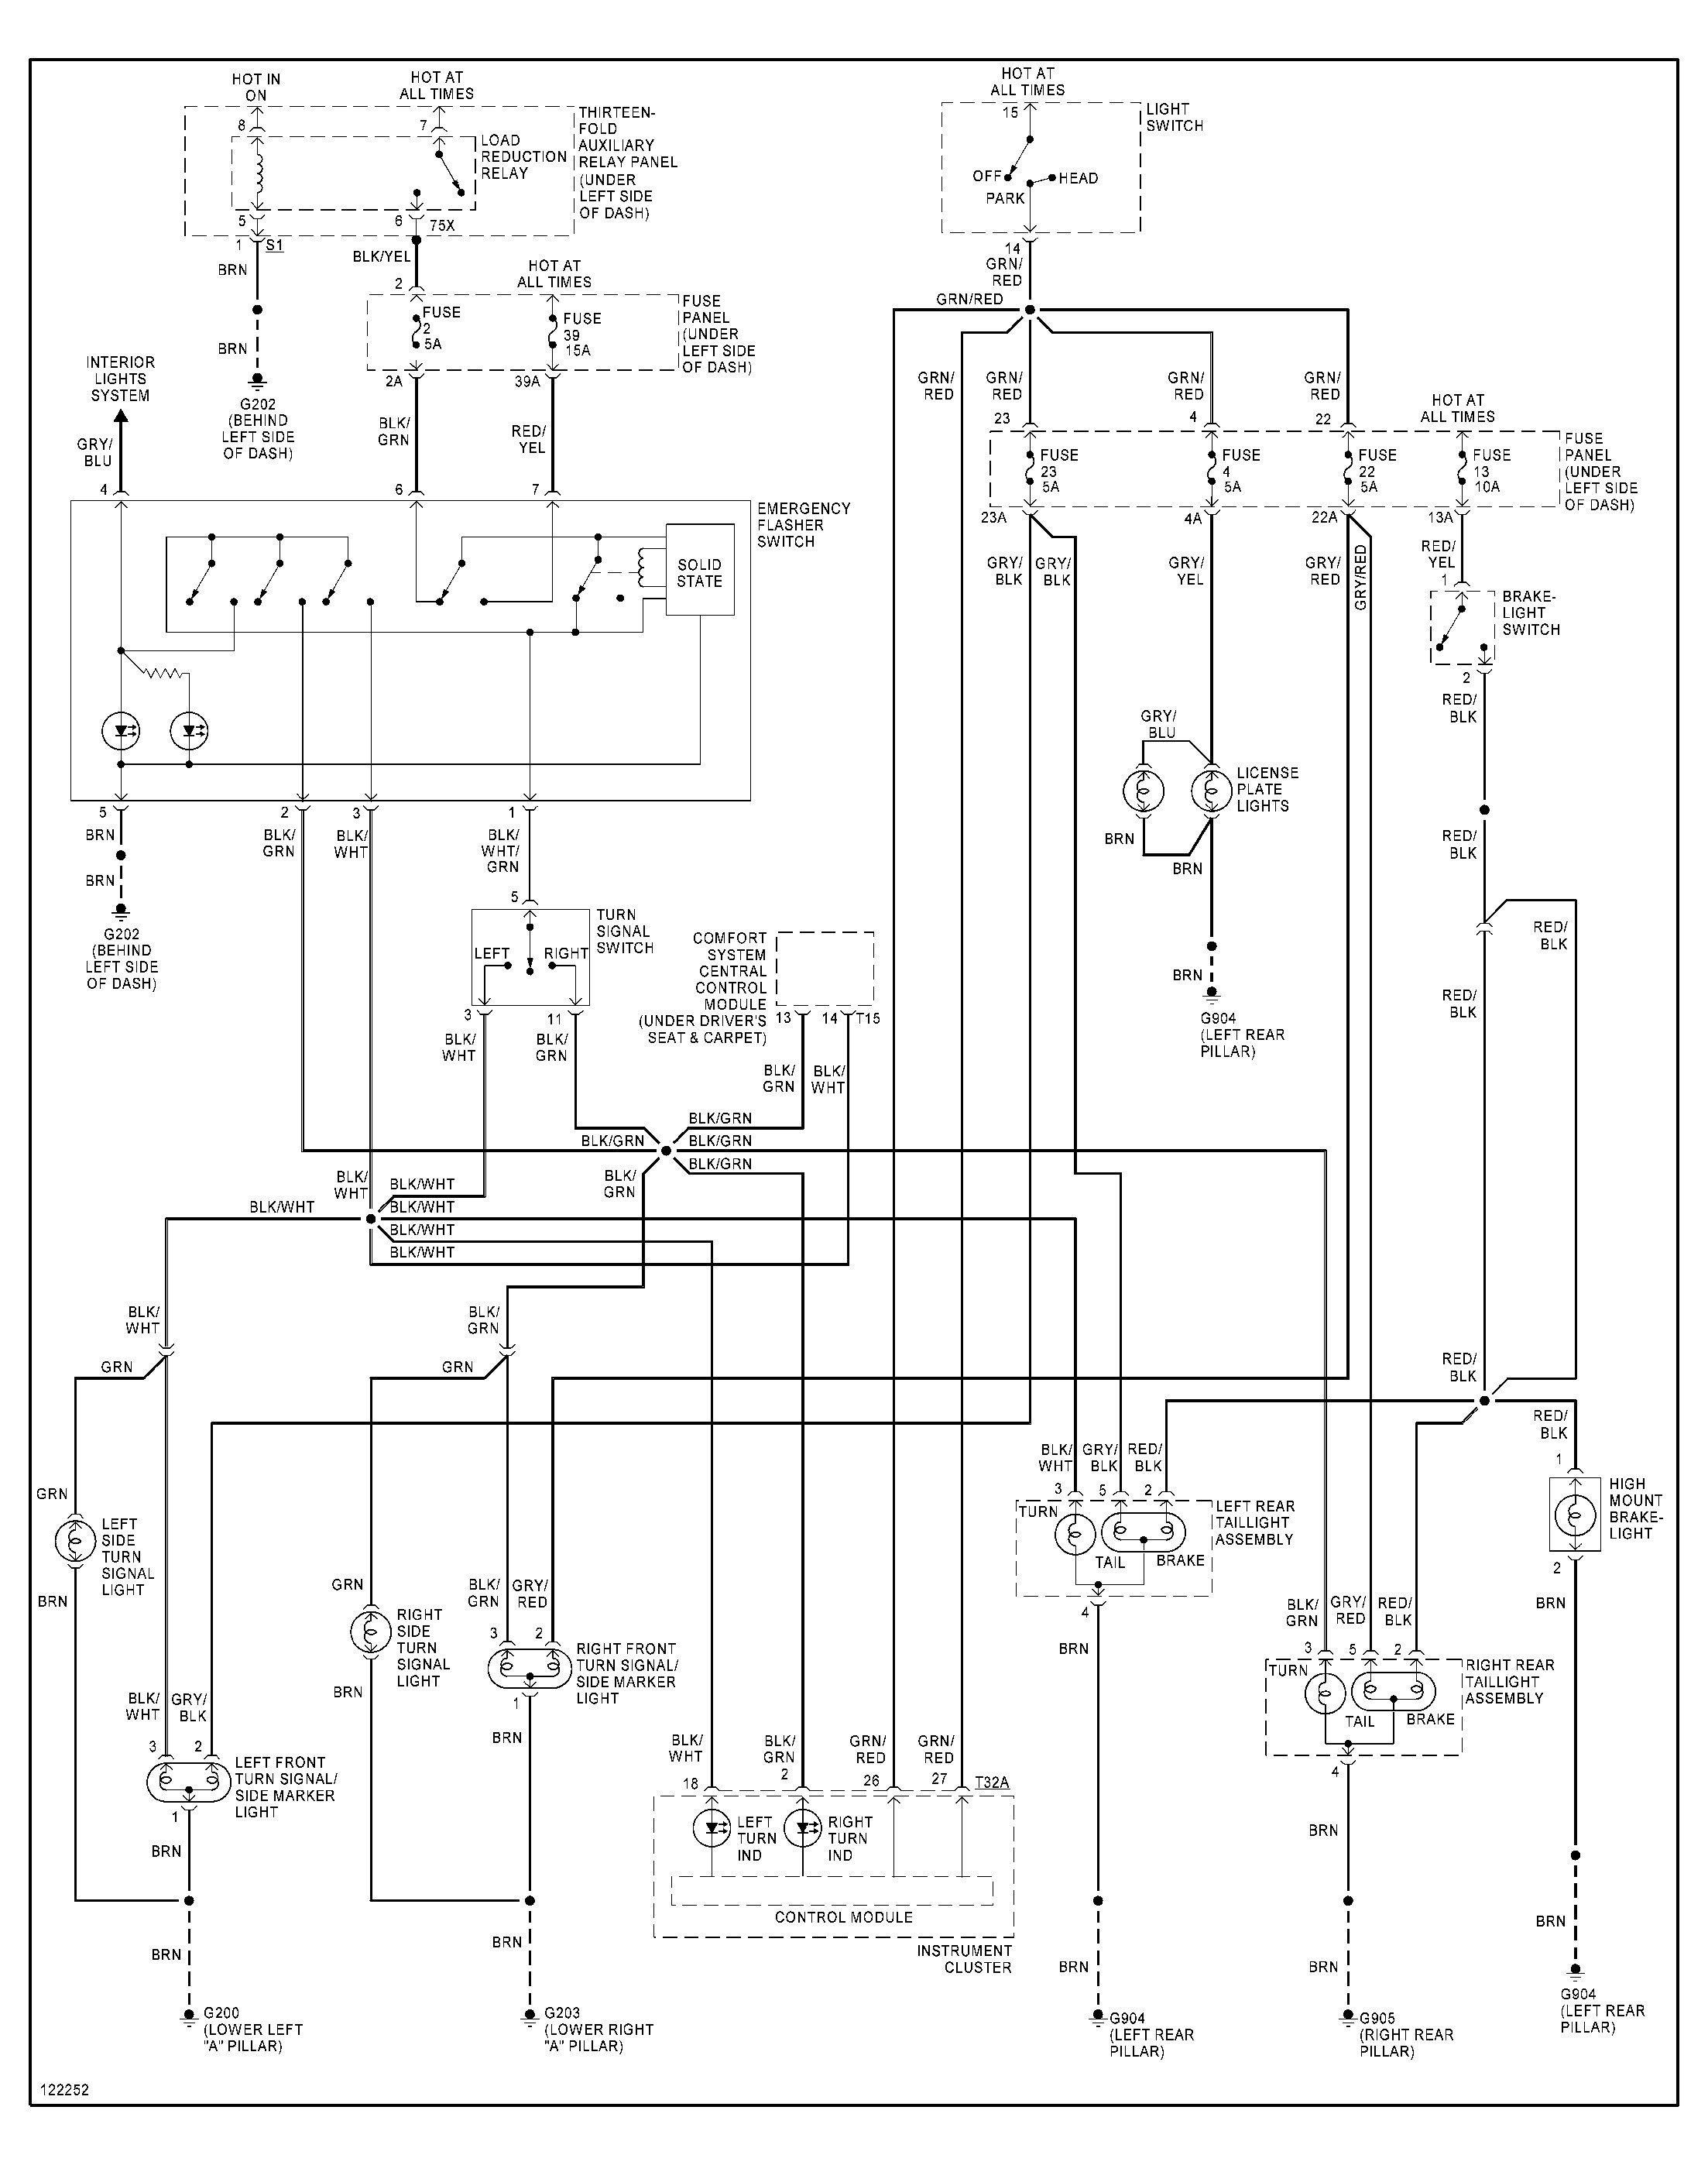 Beautiful Wiring Diagram Vw Alternator #diagrams #digramssample  #diagramimages #wiringdiagramsample #wiringdiagram | Ac wiring, Diagram,  Audi a4 | Acura Nsx Wiring Diagram |  | Pinterest